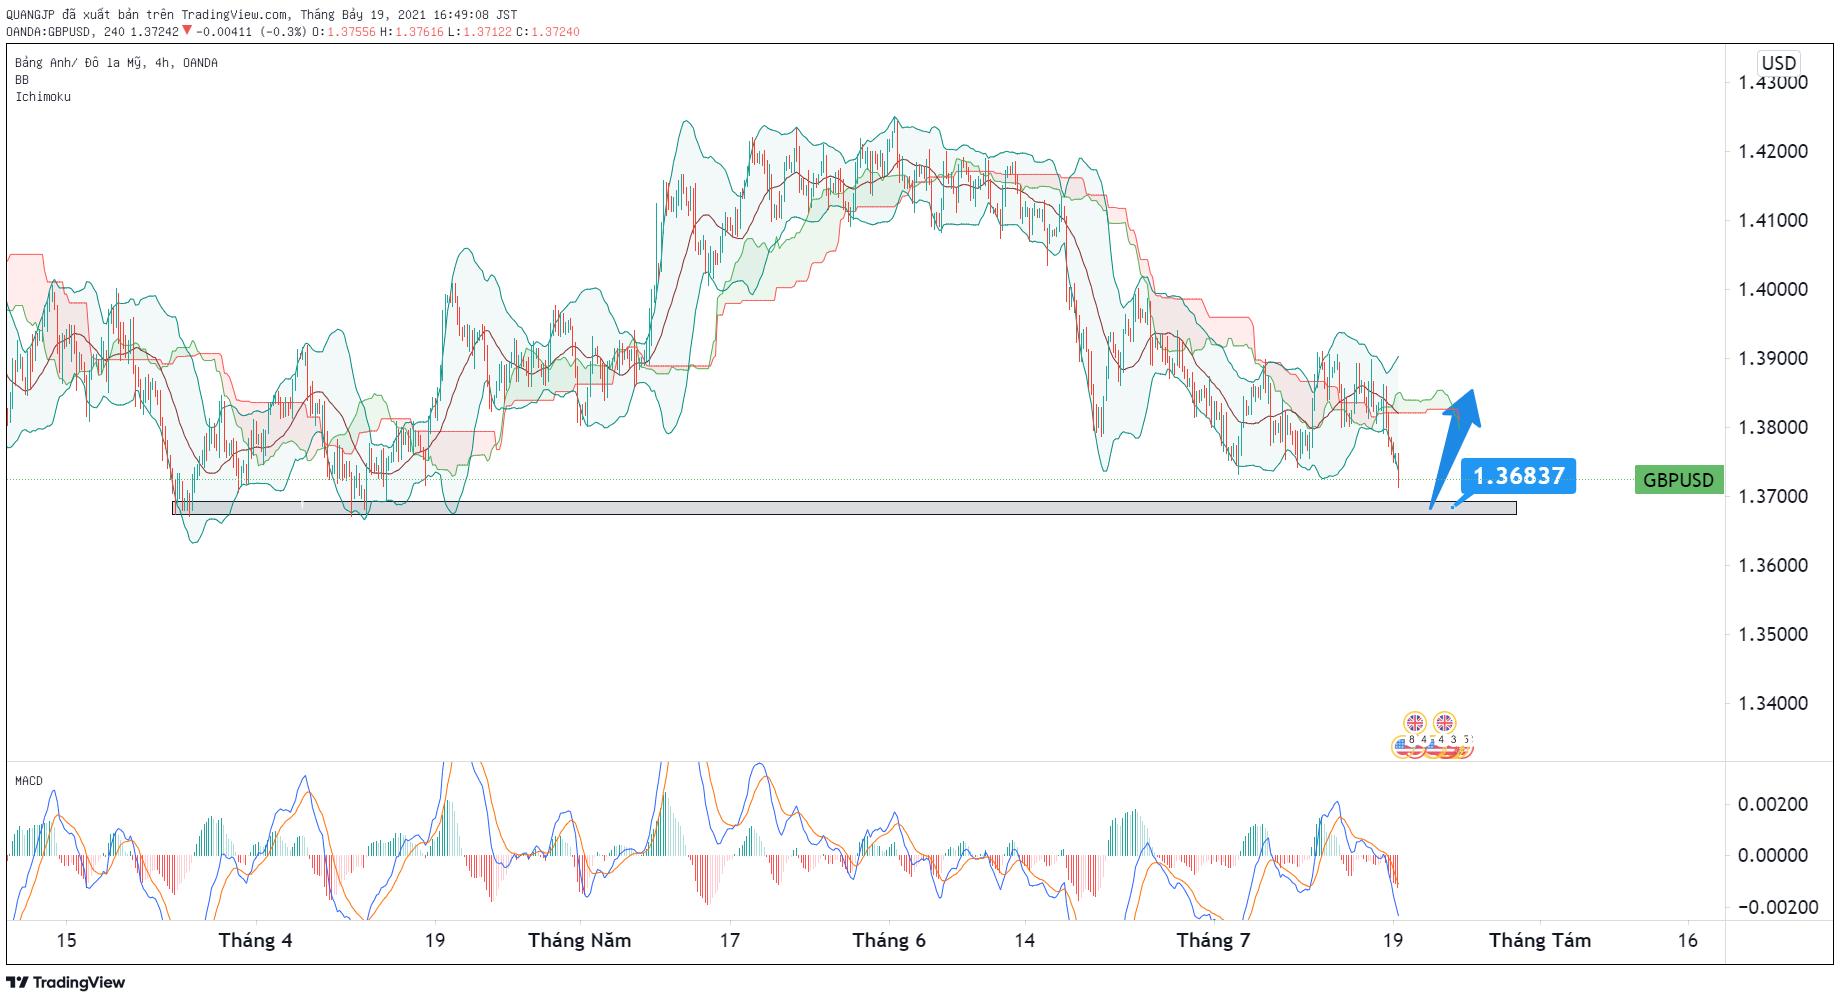 Phân tích Forex GBP/USD: tiếp tục xu hướng tăng - dự kiến có thểm chạm ngưỡng 1.4214